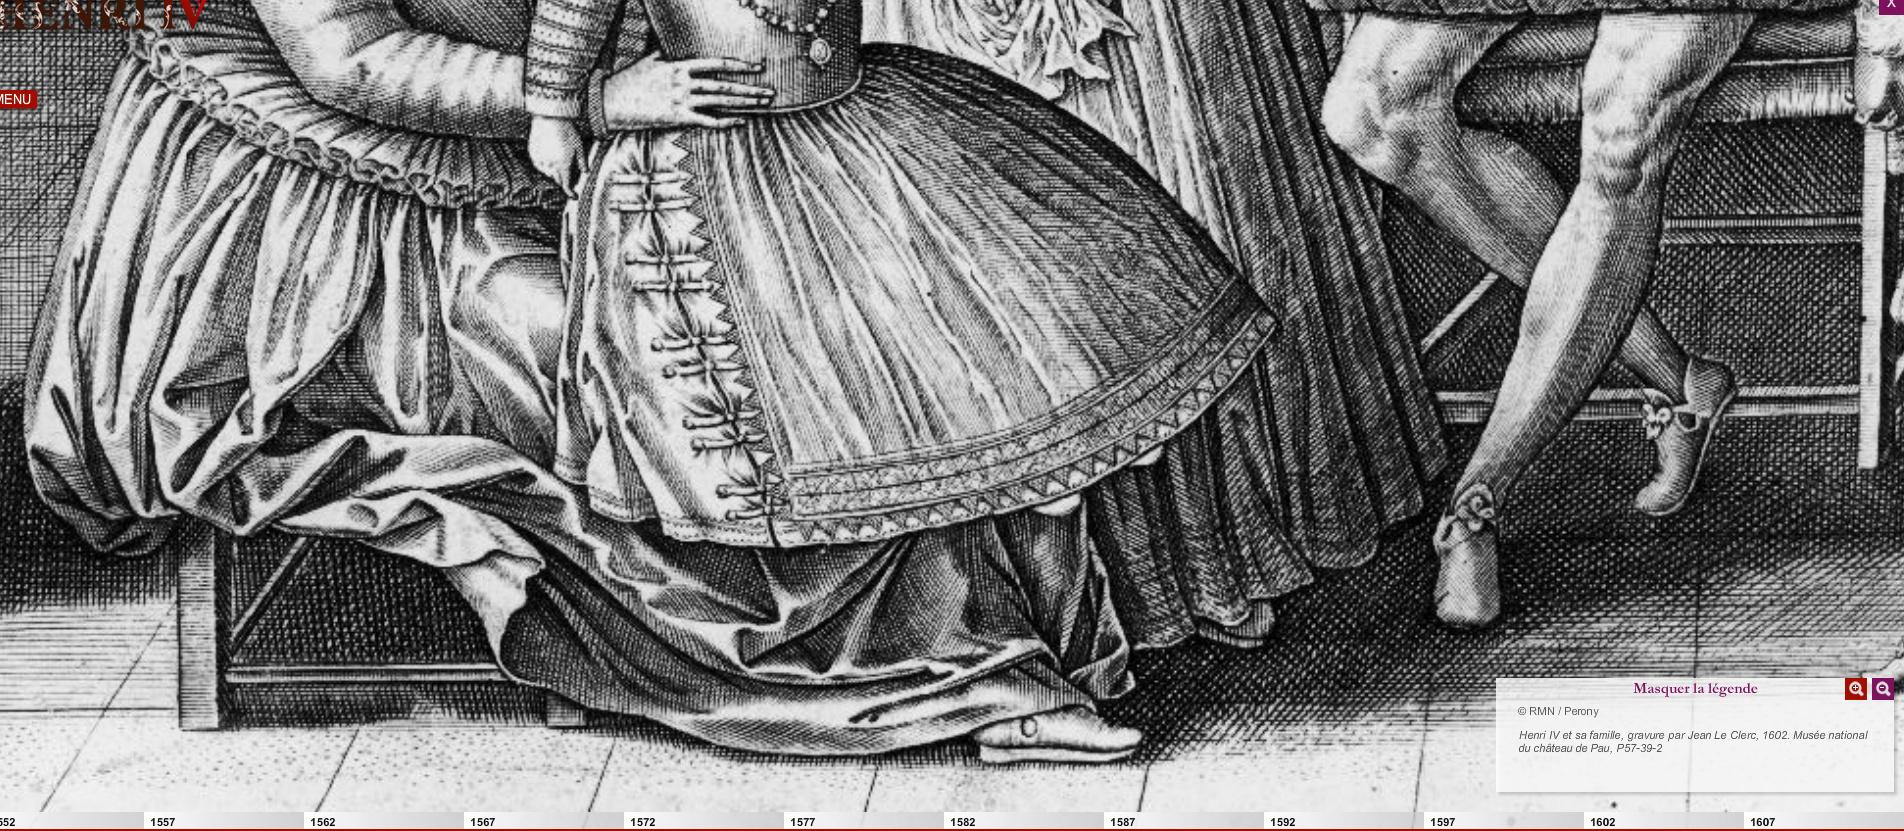 1602 - Henri IV et sa famille - Jean Le Clerc